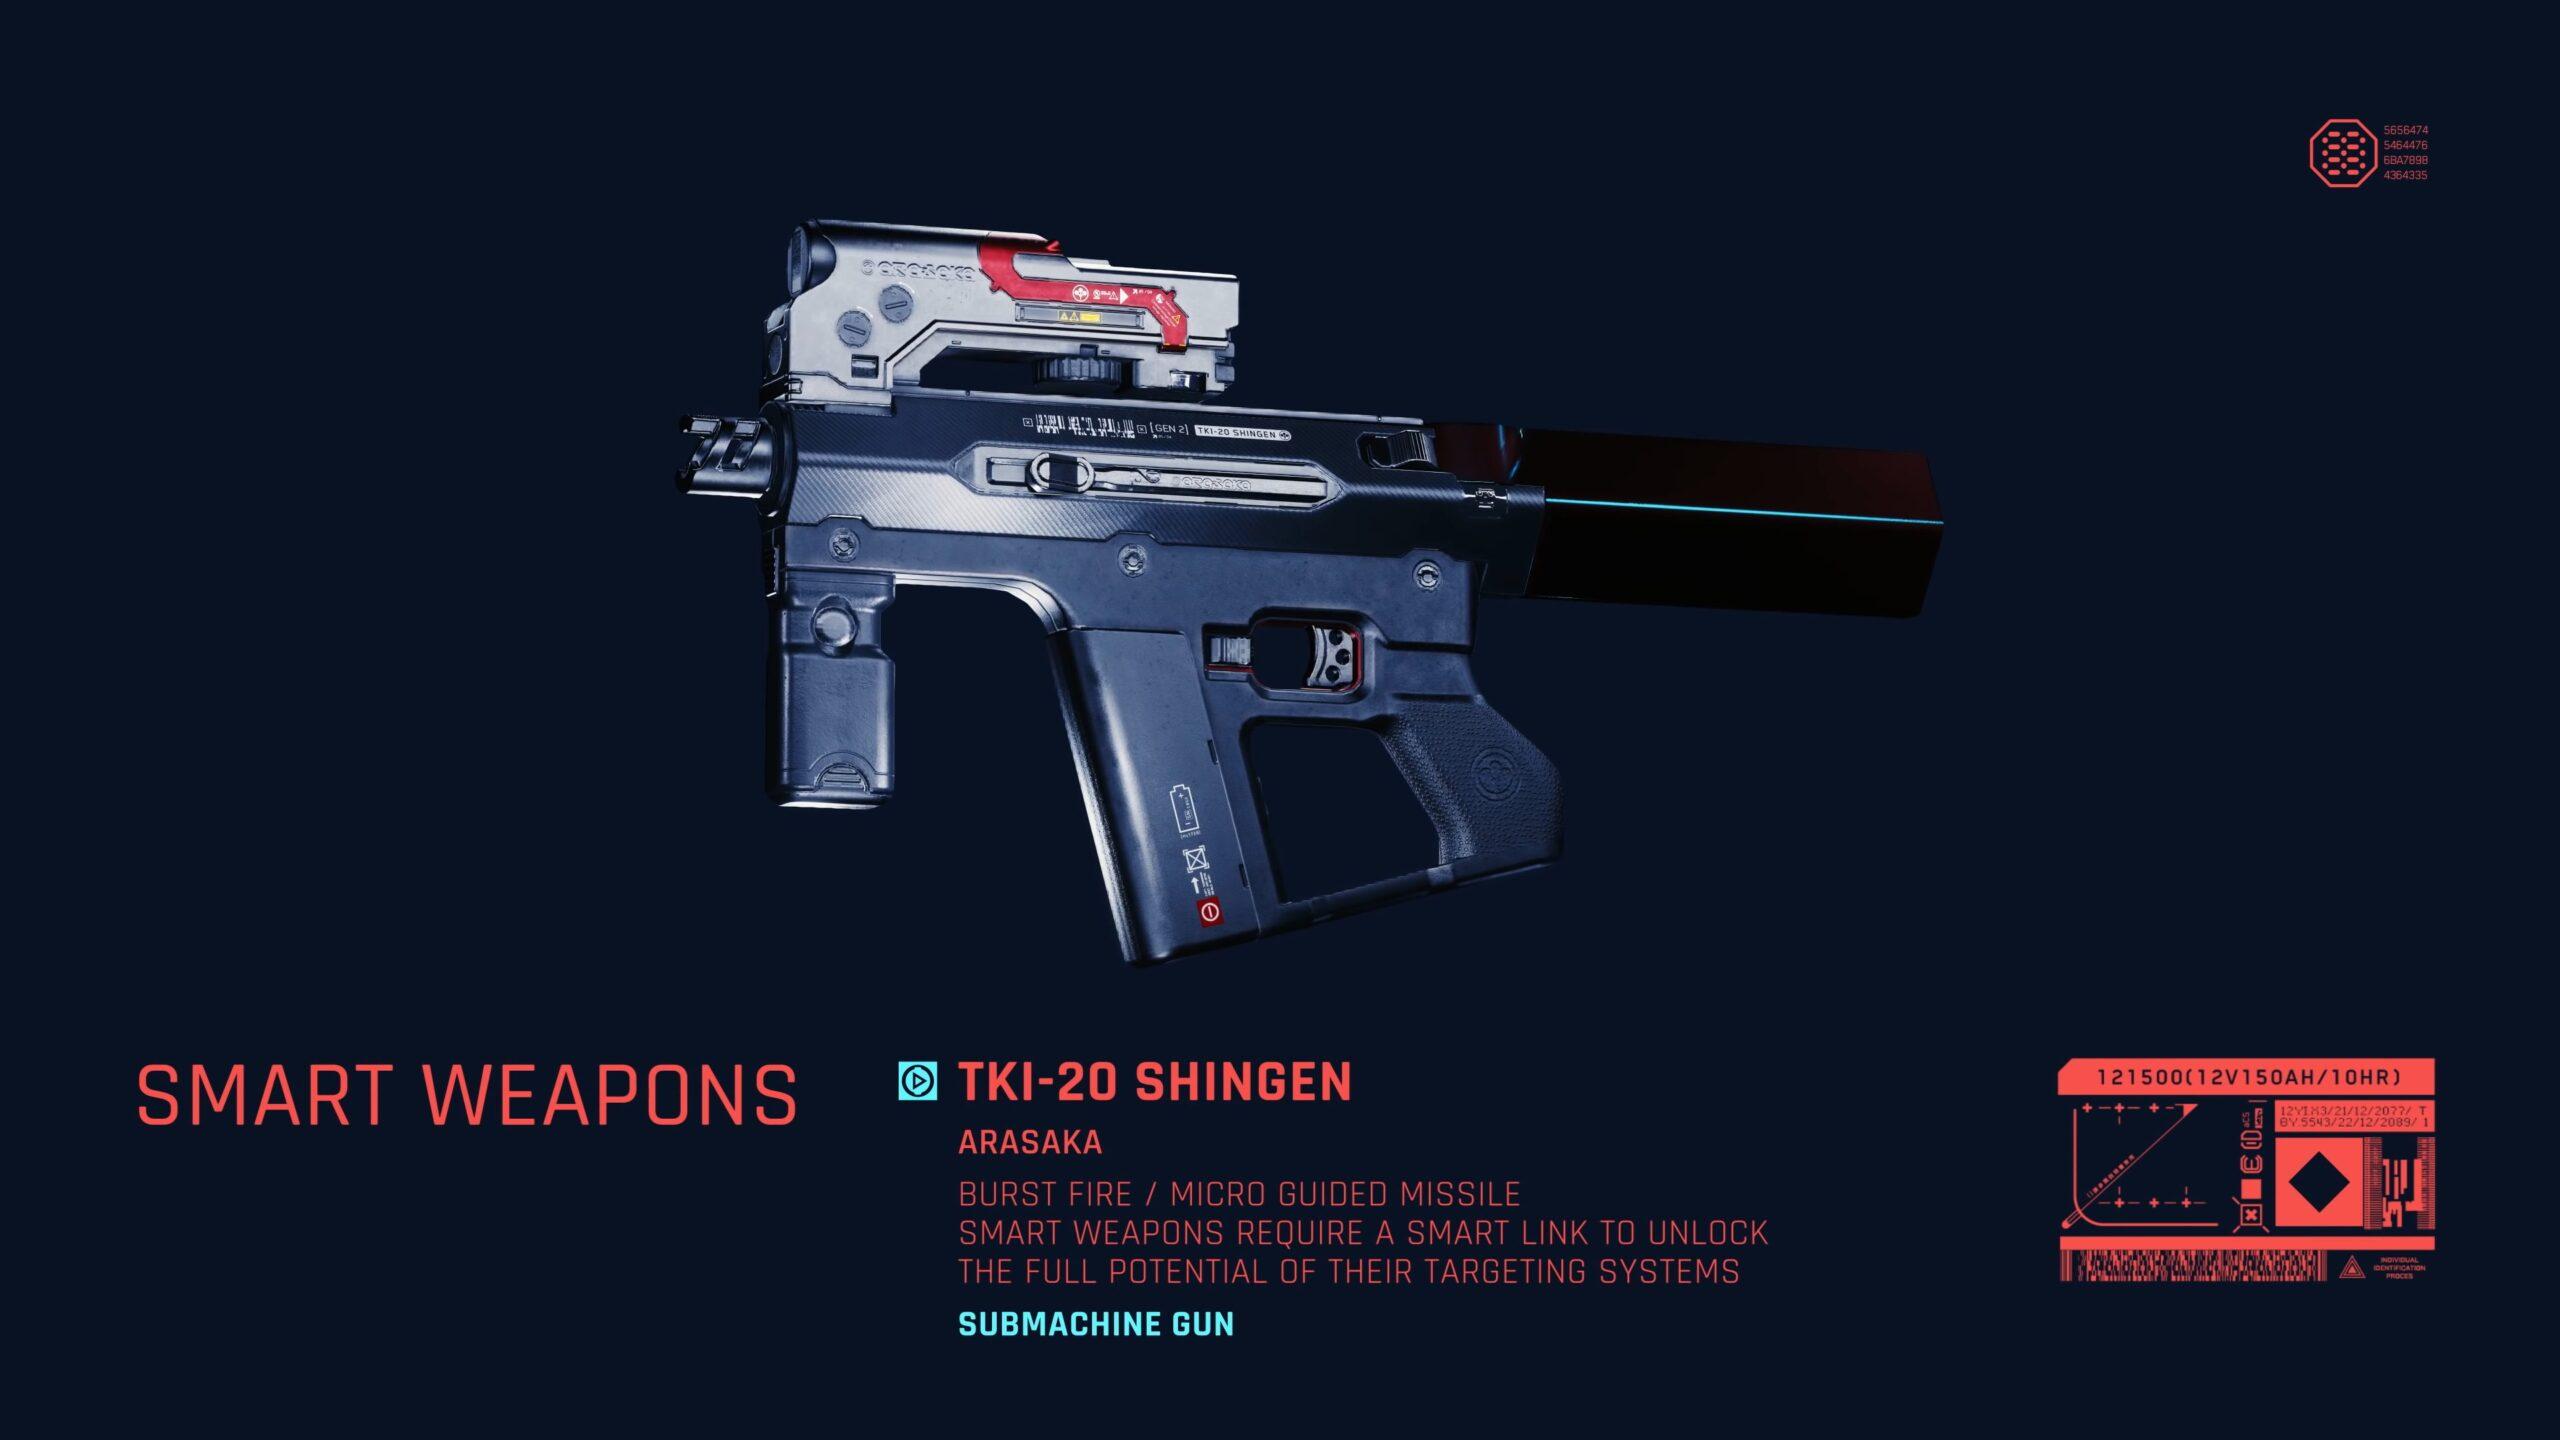 Cyberpunk 2077 Ranged Weapons Tki 20 Shingen Submachine Gun